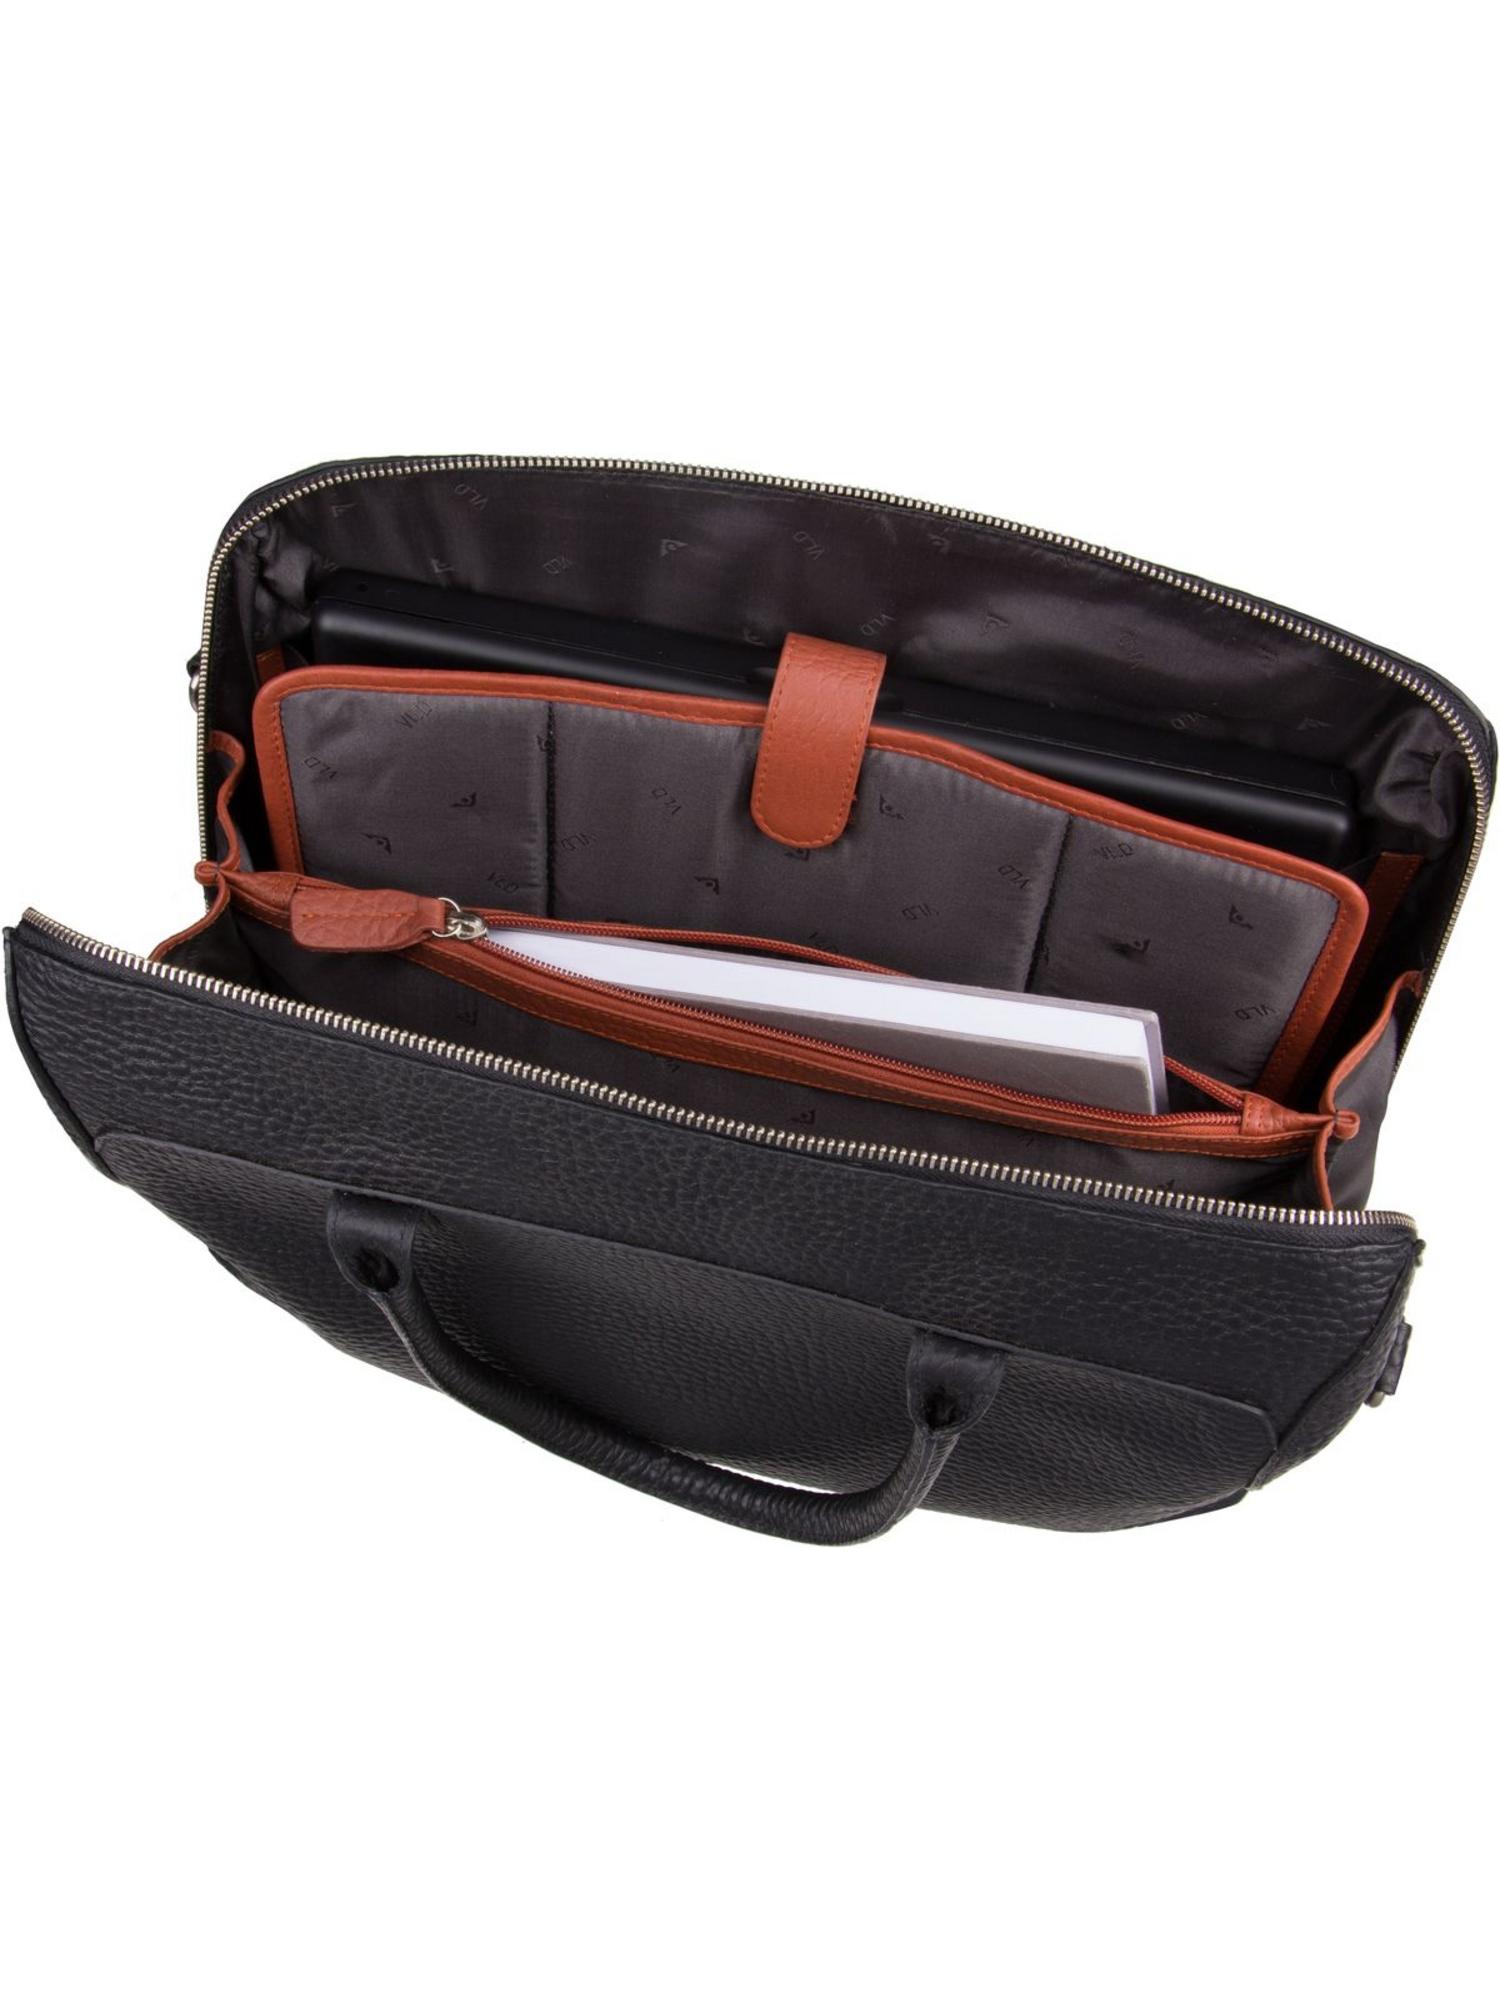 Voi Hirsch 20891 Laptoptasche Aktentasche Leder Notebooktasche Damentasche